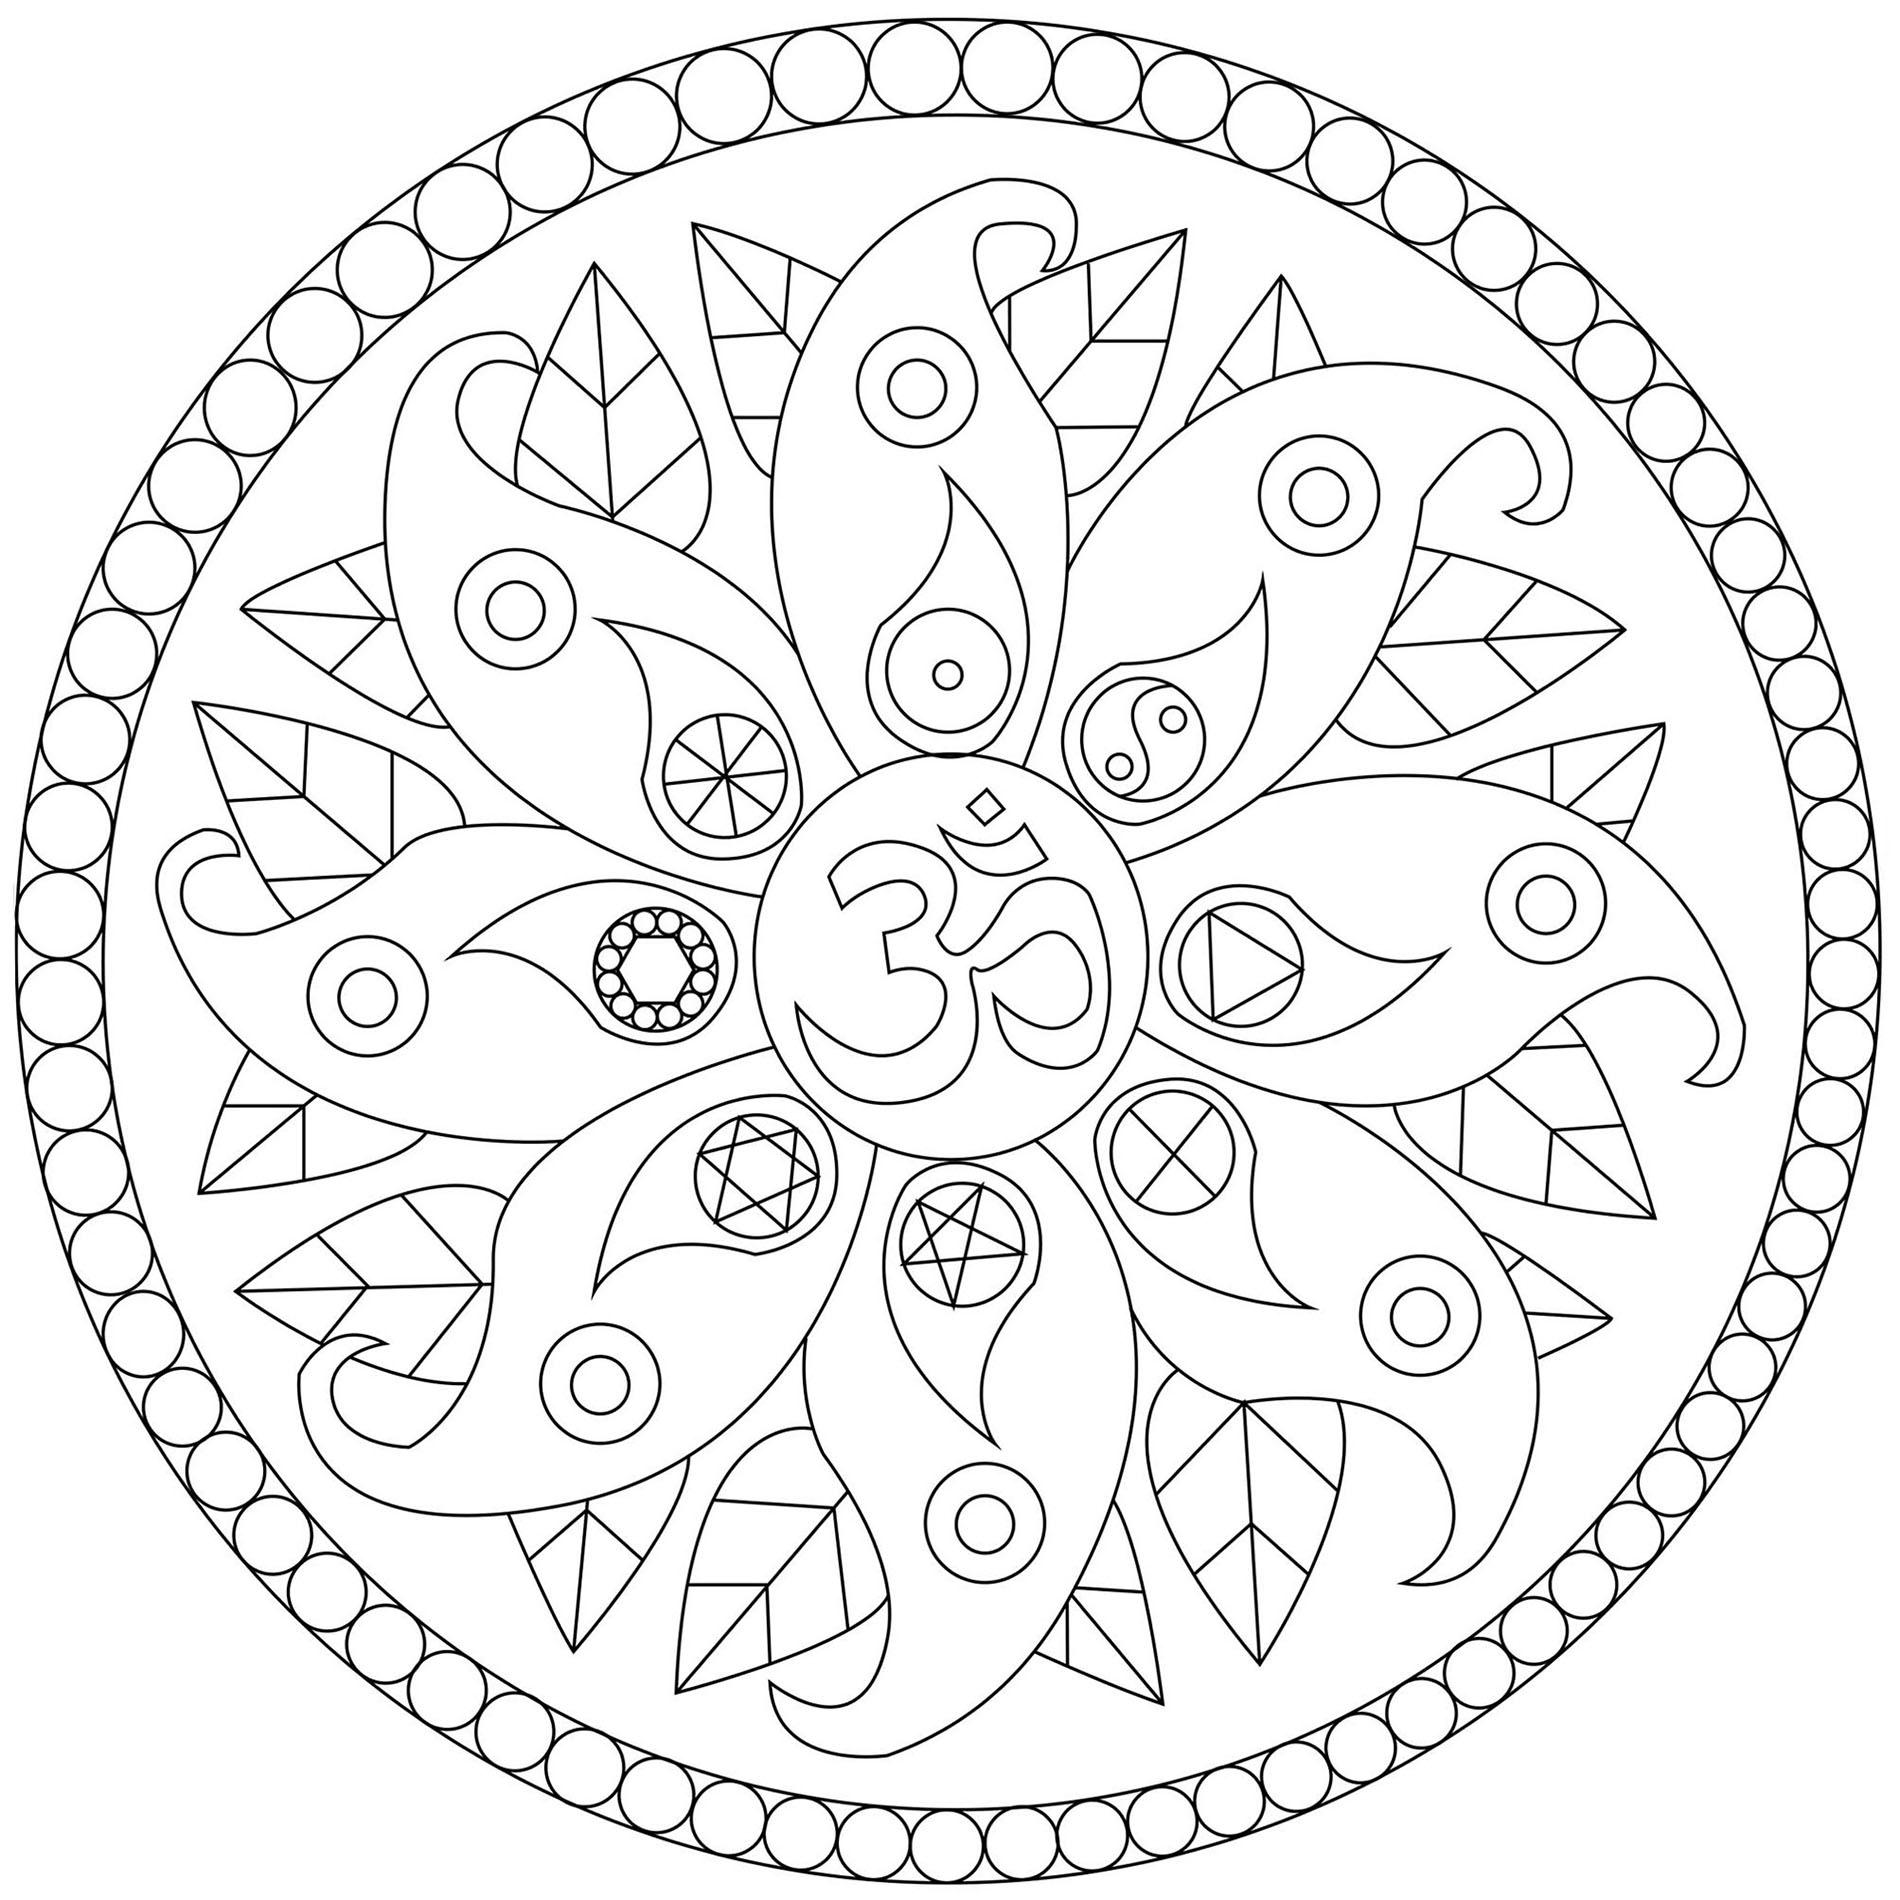 Motifs végétaux et divers symboles : Yin & Yang, Om ...